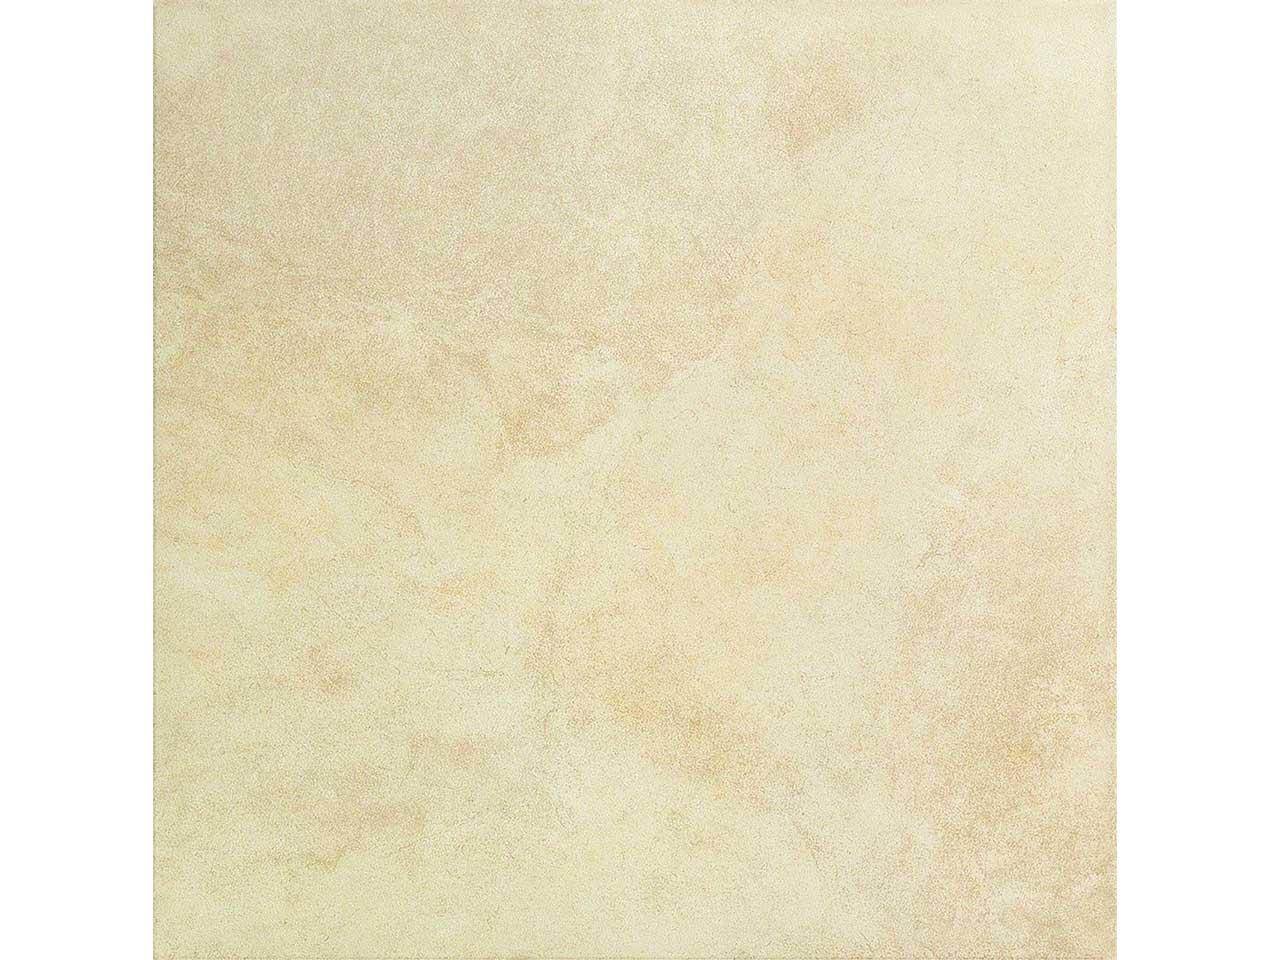 York/khiva beige rh21 rett. 60x60   iperceramica